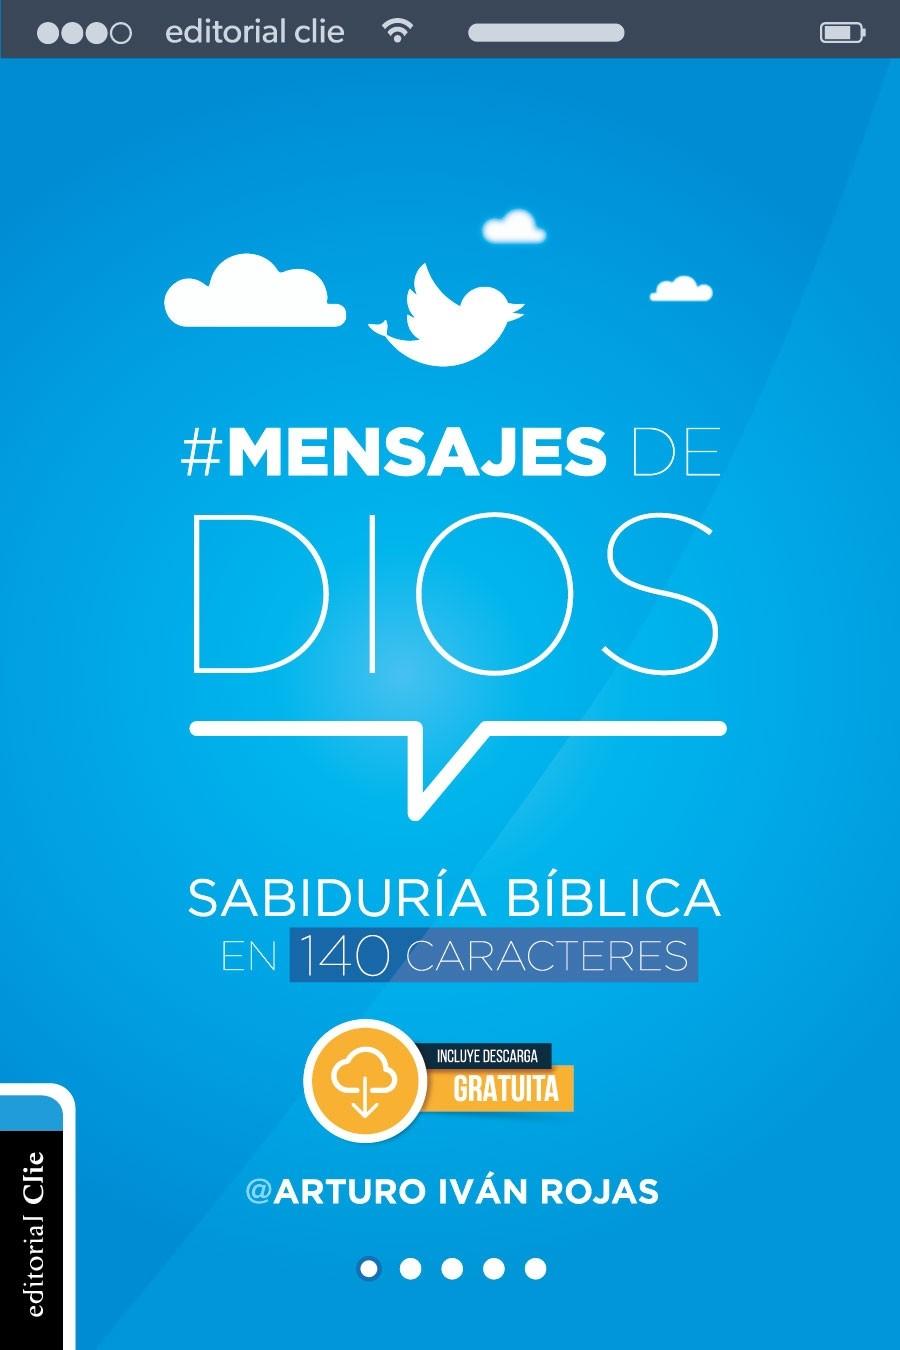 Mensajes De Dios En Vida Cristiana Editorial Clie